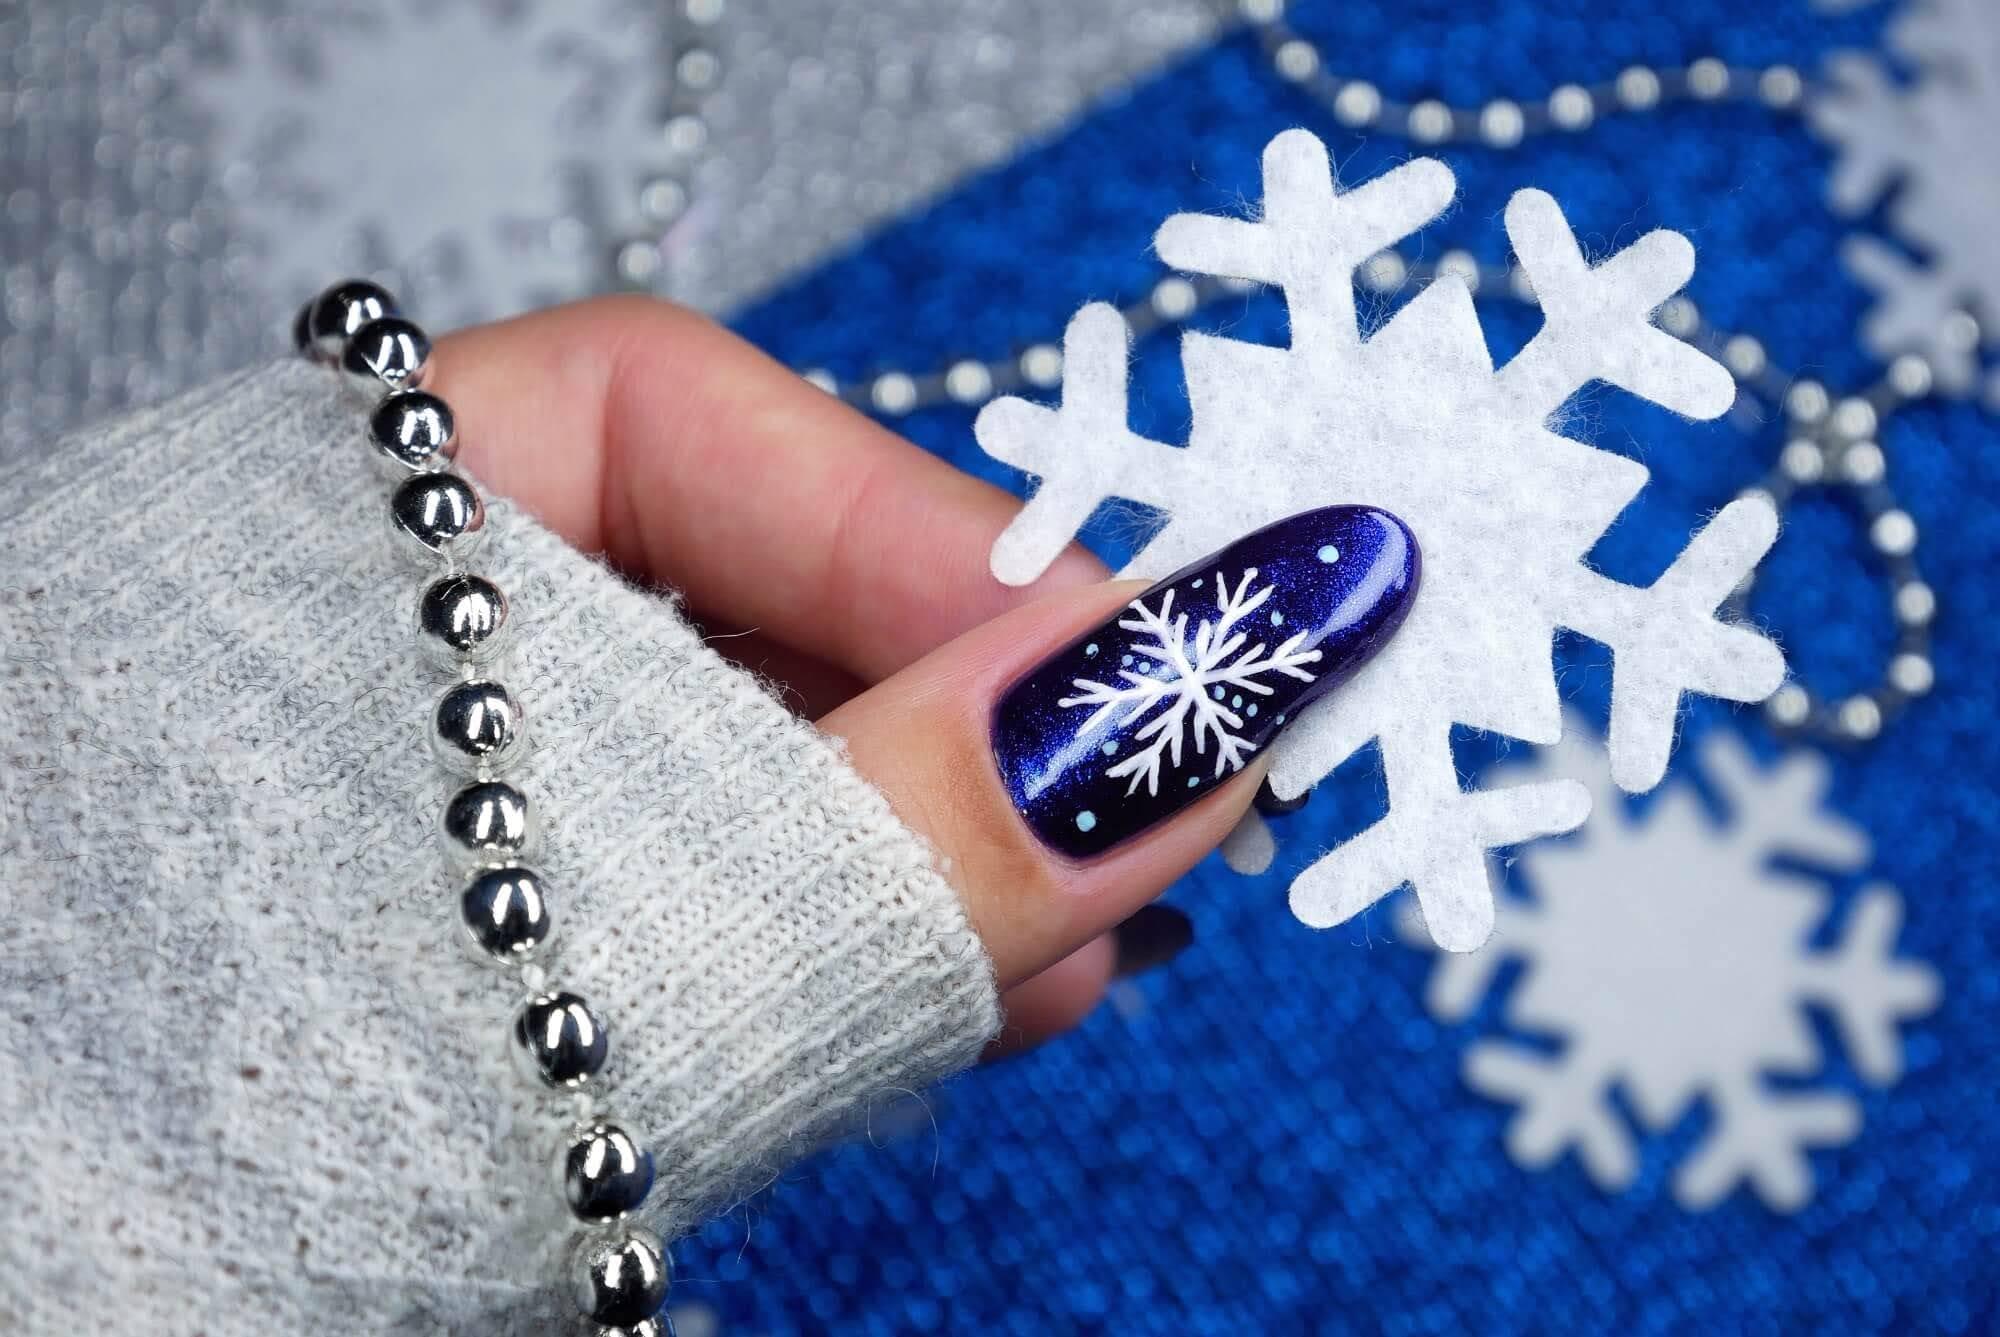 śnieżynki na paznokcie